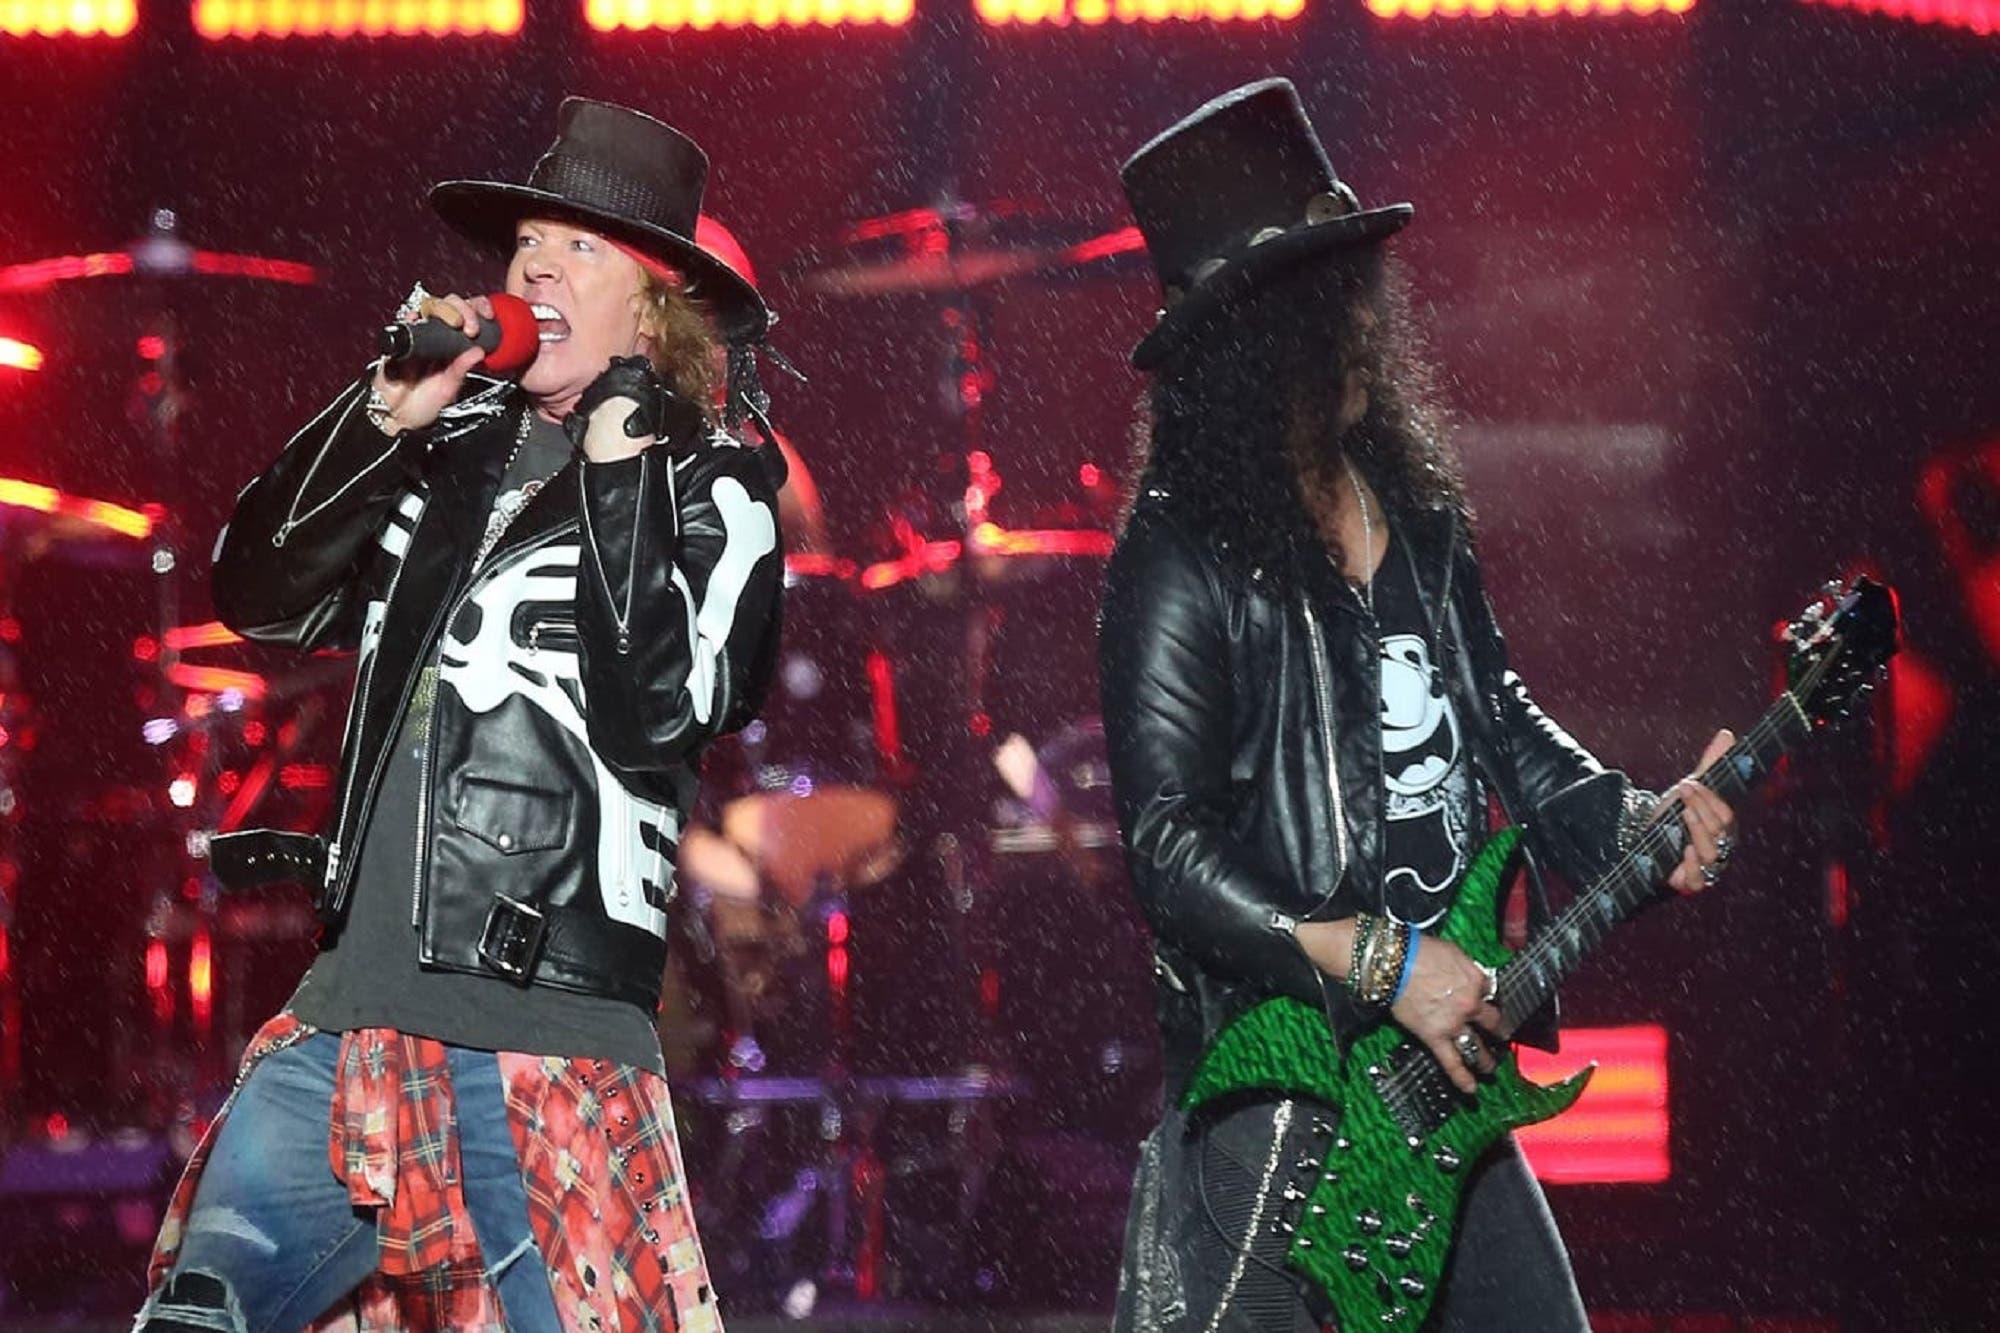 Lo hicieron de nuevo: Guns N' Roses vuelve a batir récords en YouTube